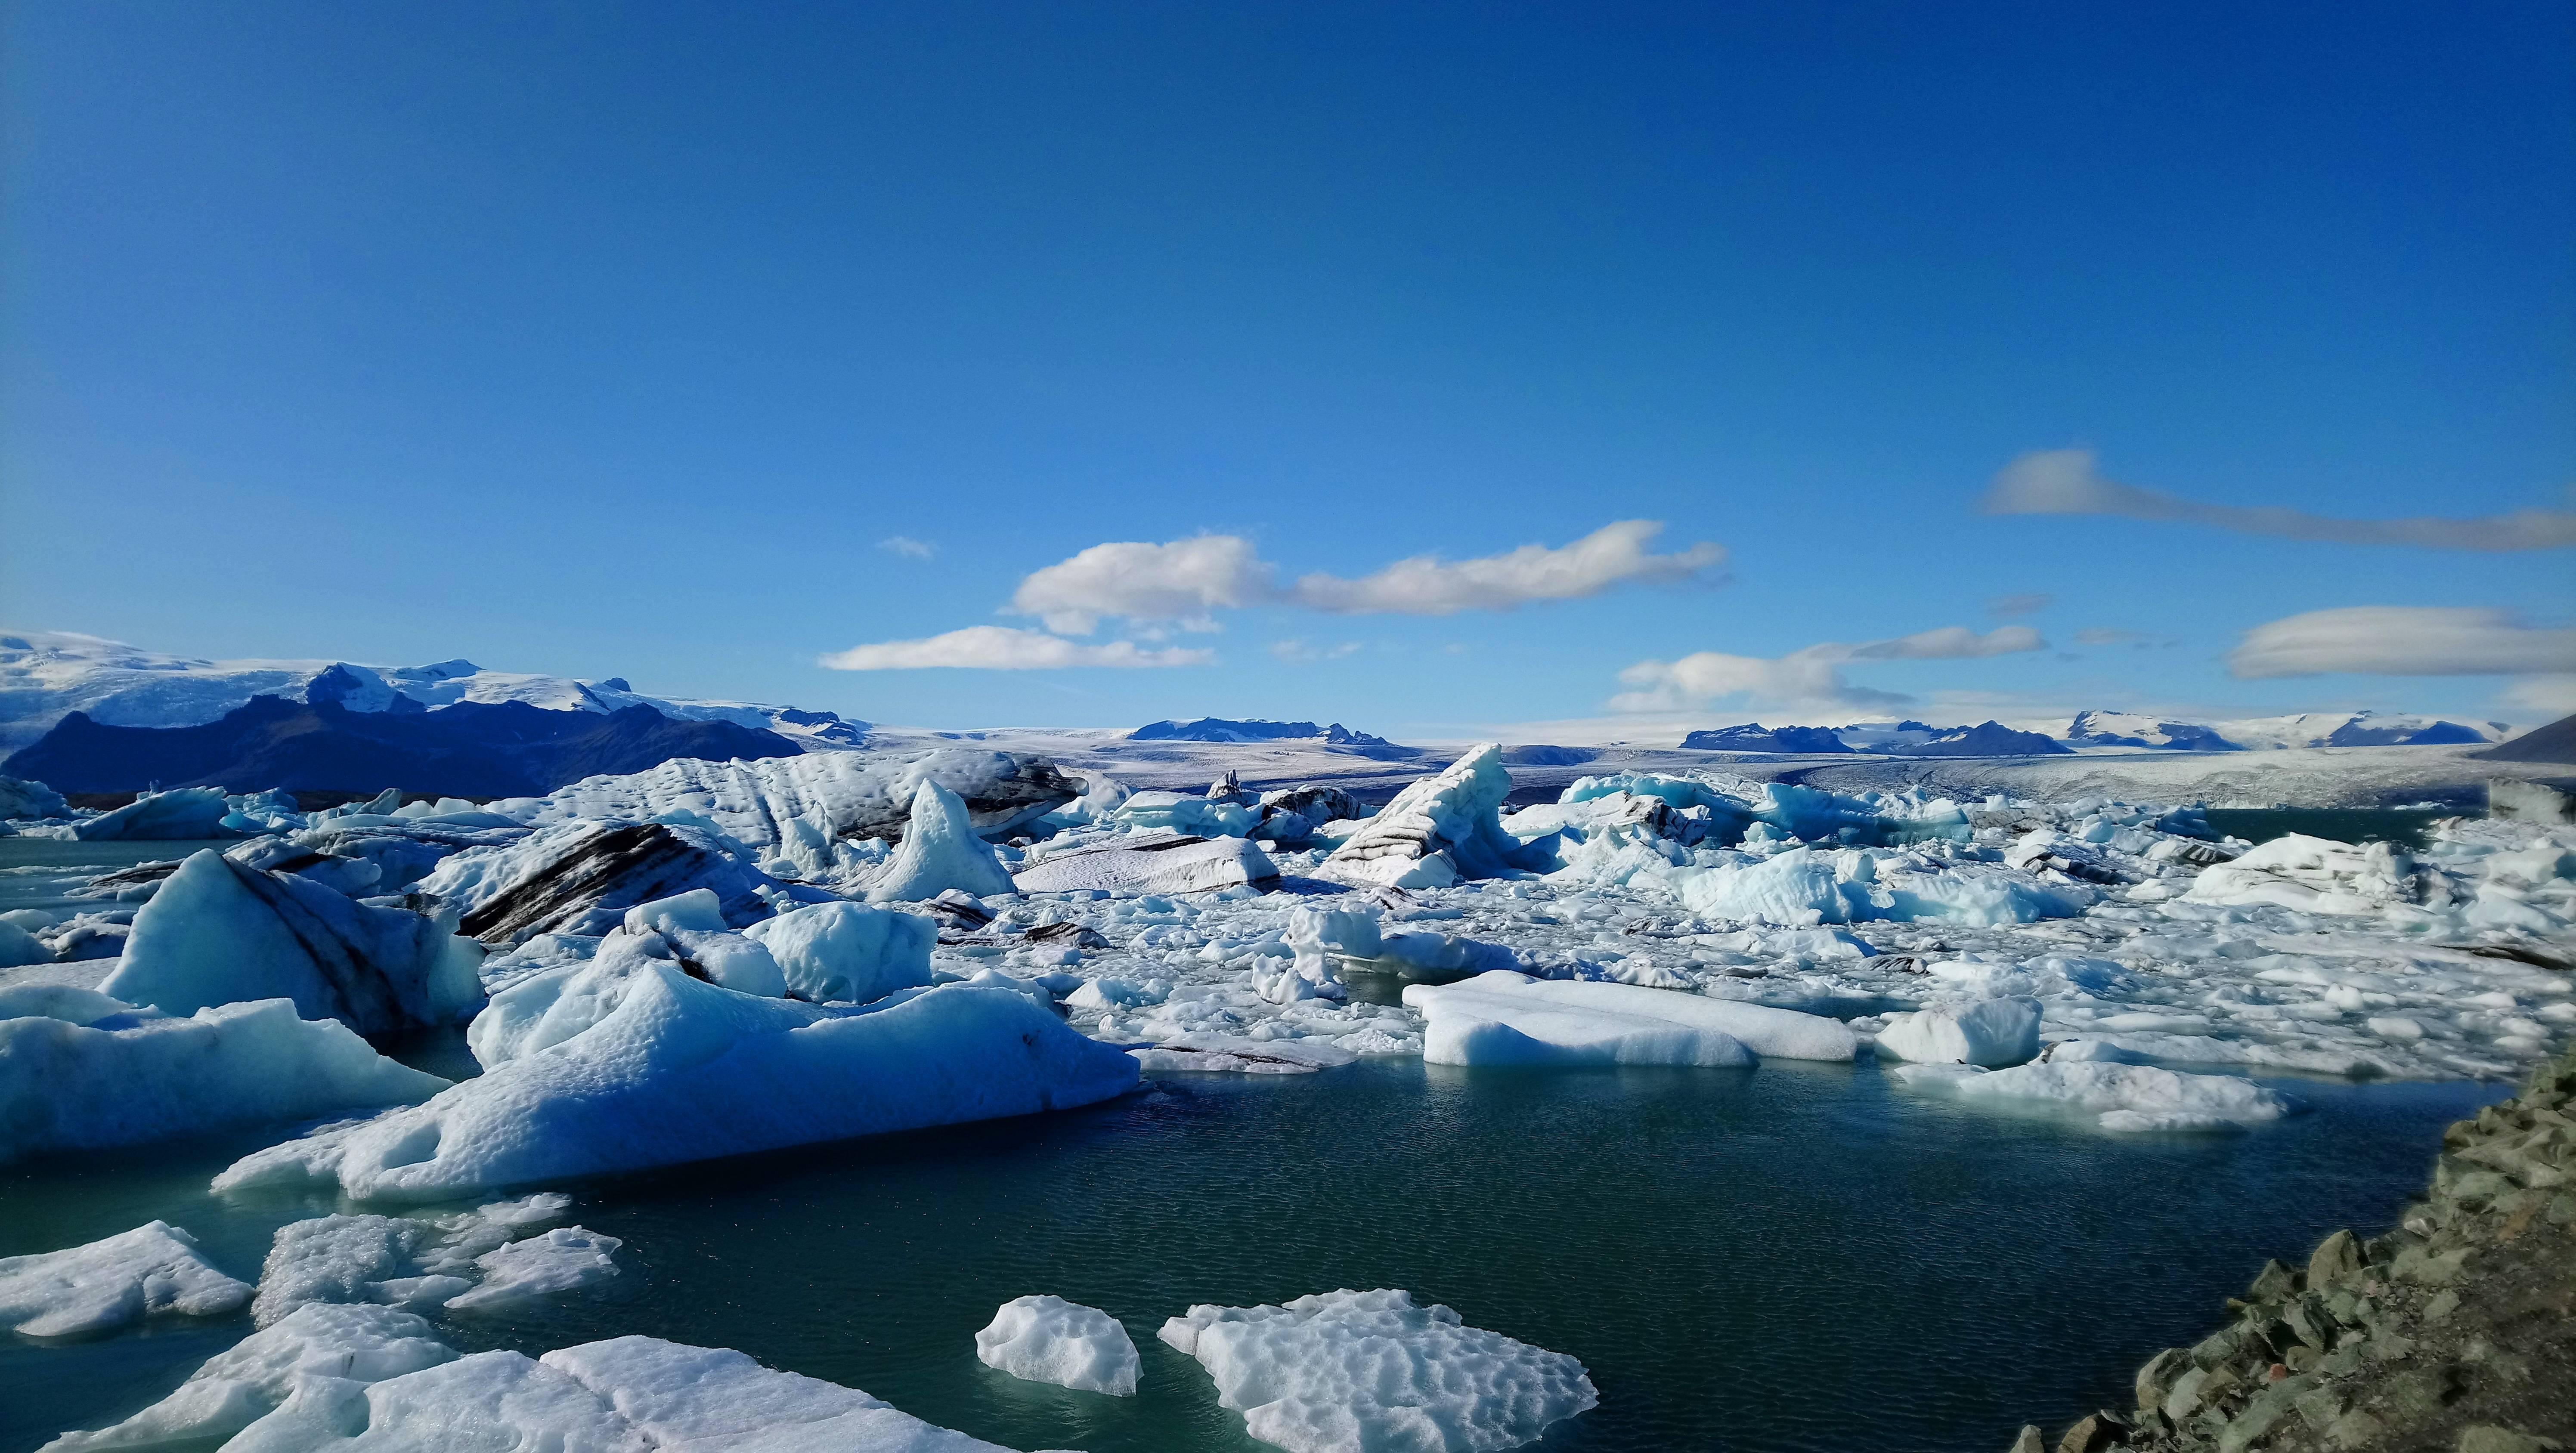 Photo 1: Jokulsarlon, le glacier à voir